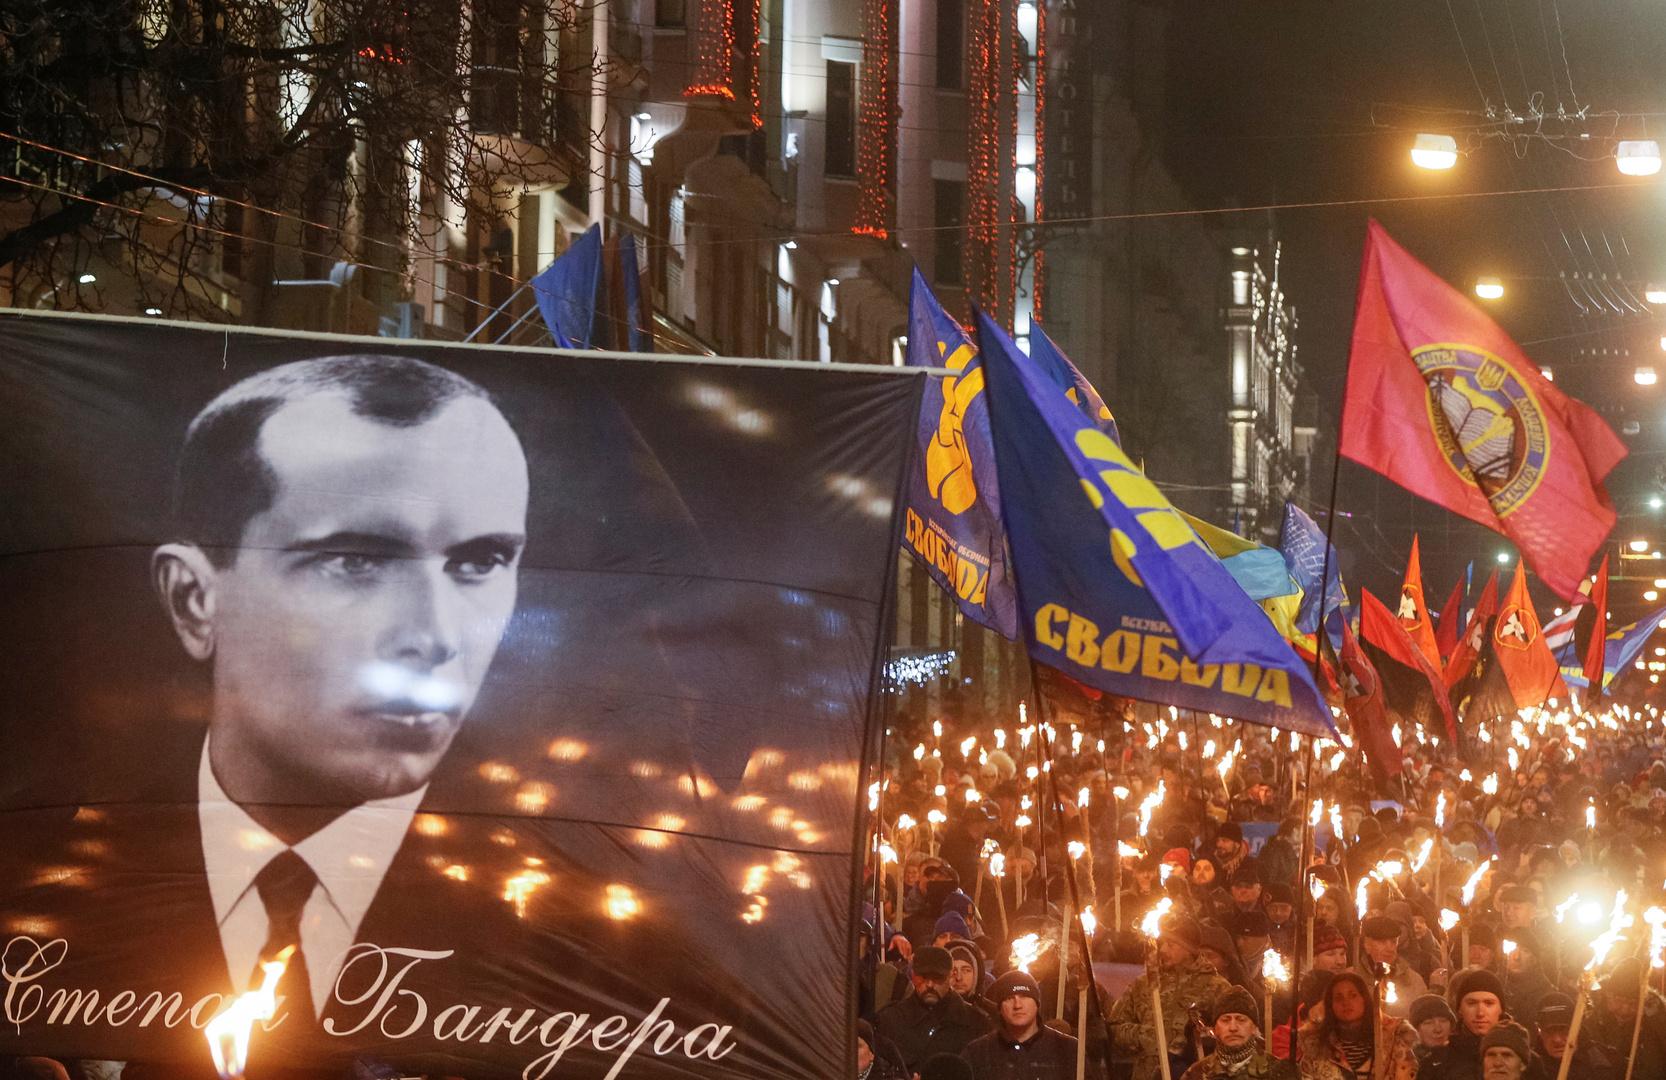 بعد إدانة إسرائيل تكريم زعيم القوميين الأوكرانيين.. كييف تطالبها بعدم التدخل في شؤونها